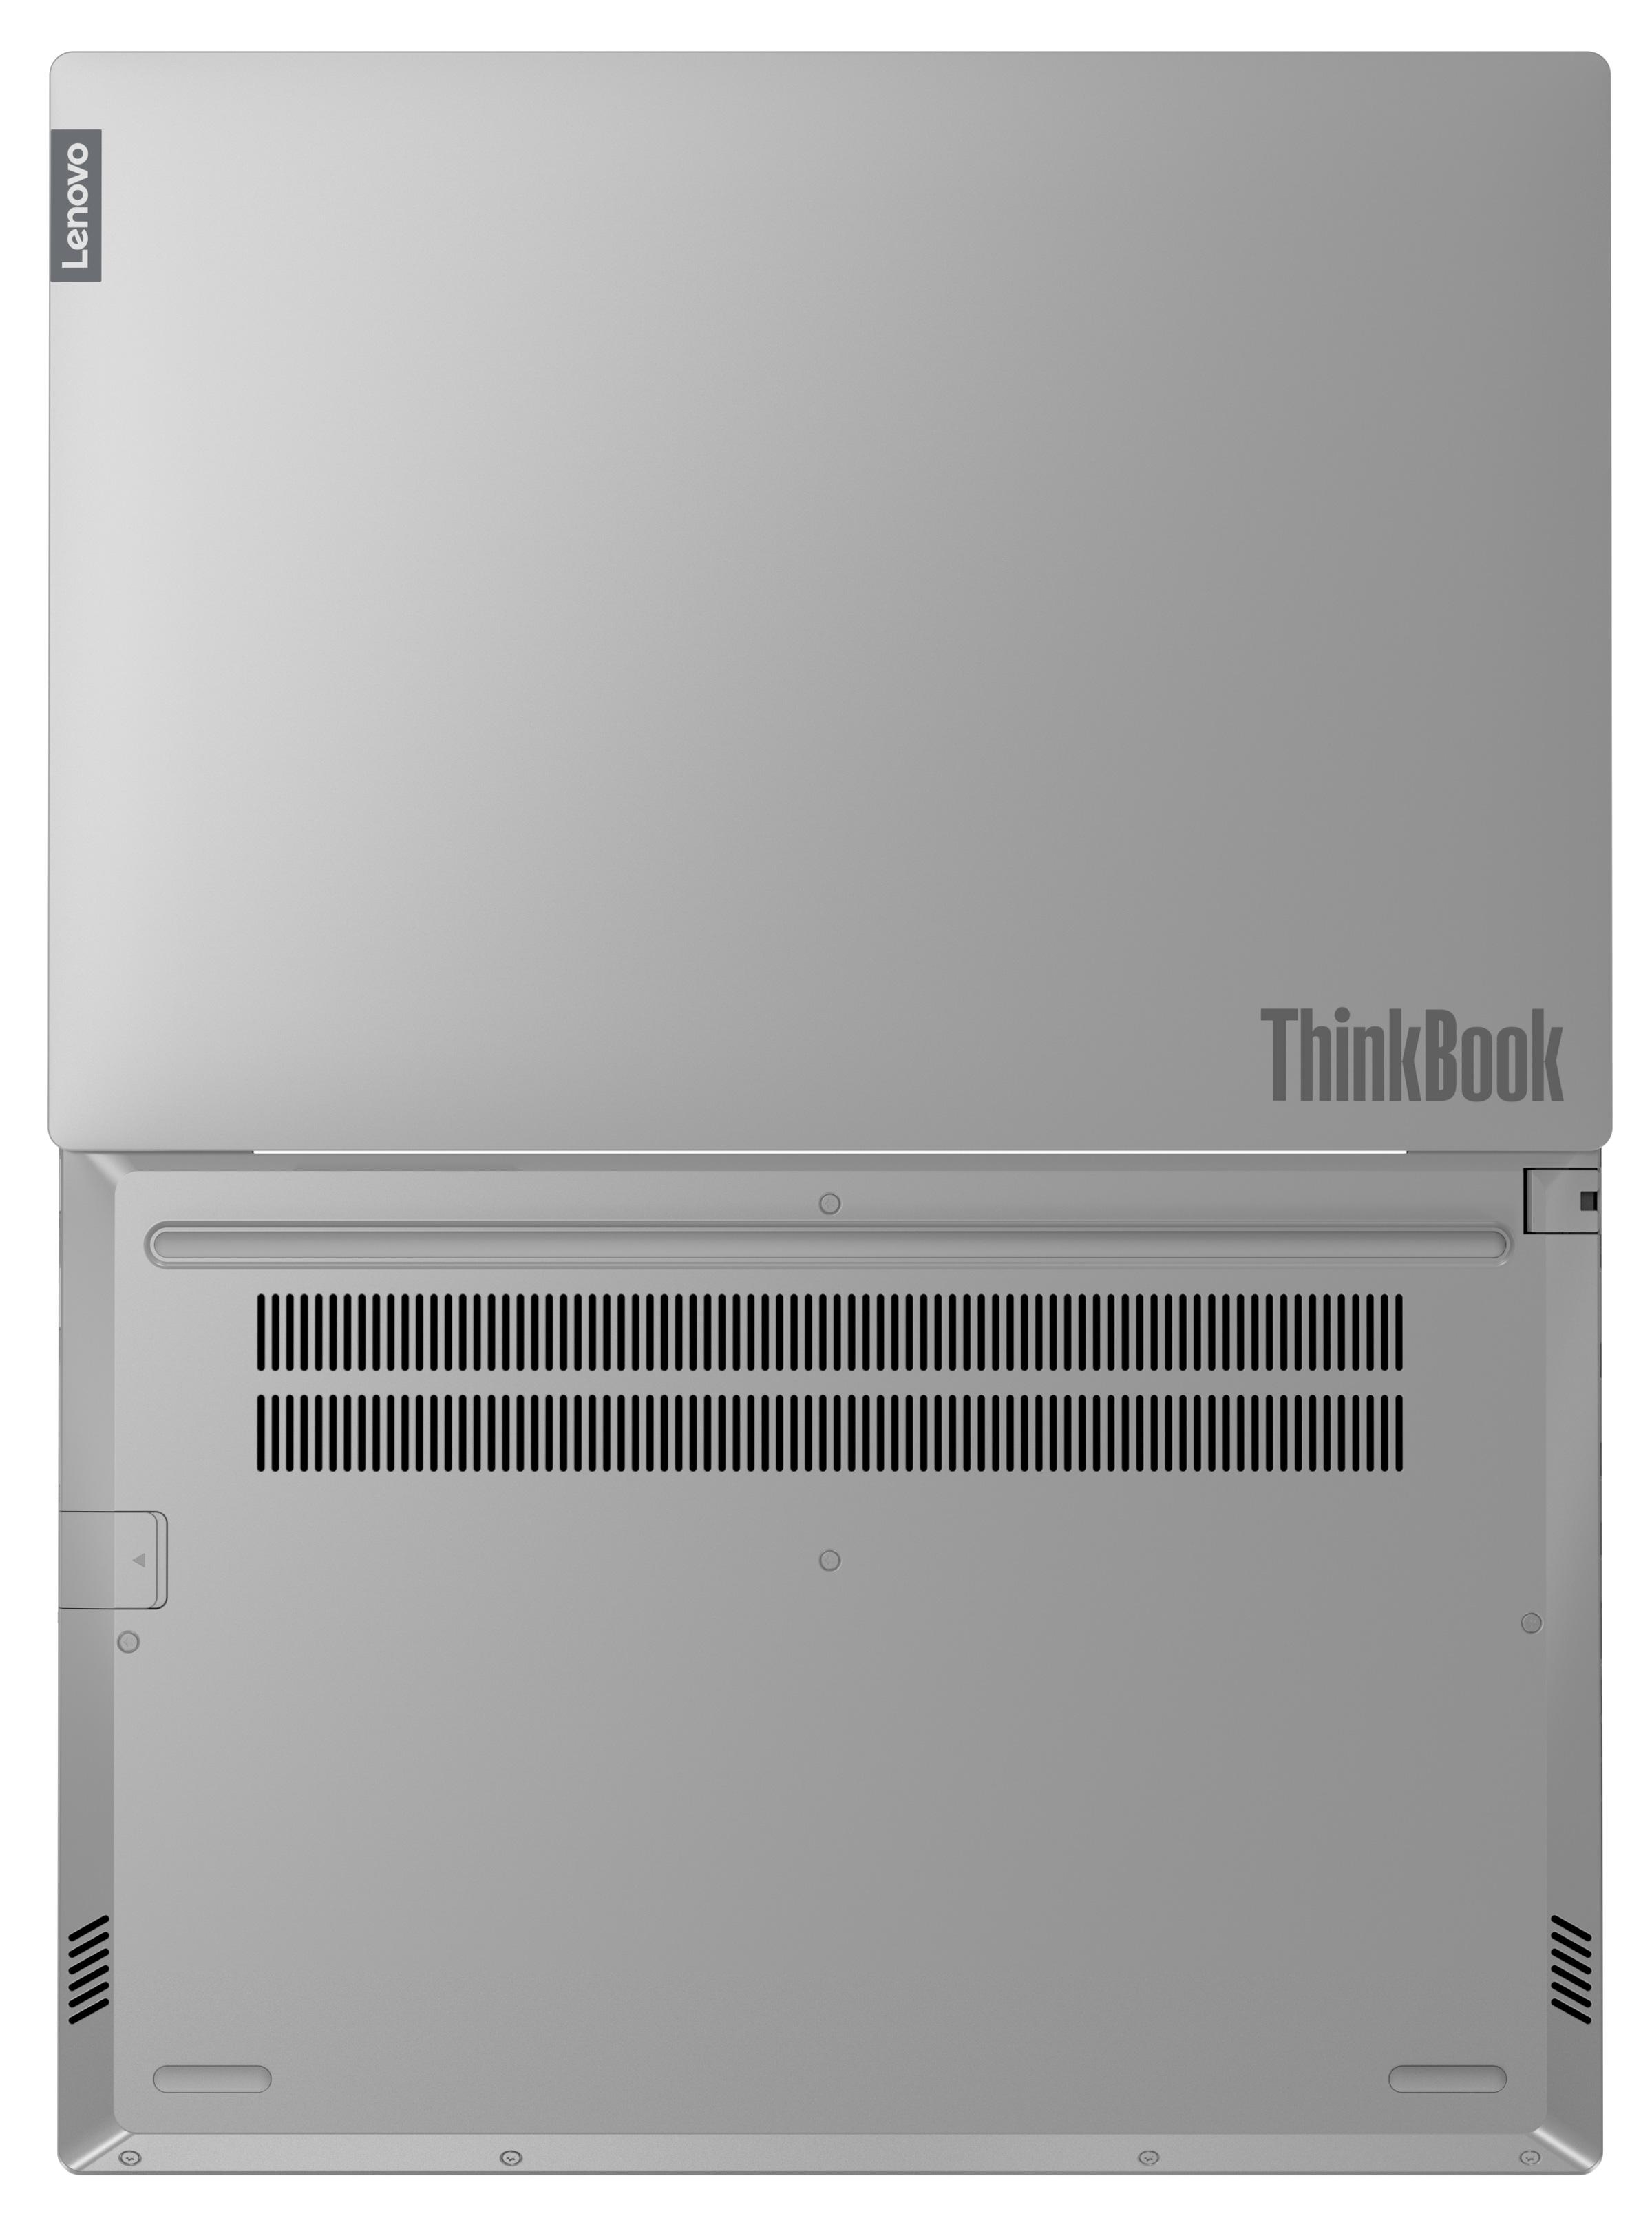 Фото  Ноутбук ThinkBook 14-IML Mineral Grey (20RV0078RU)